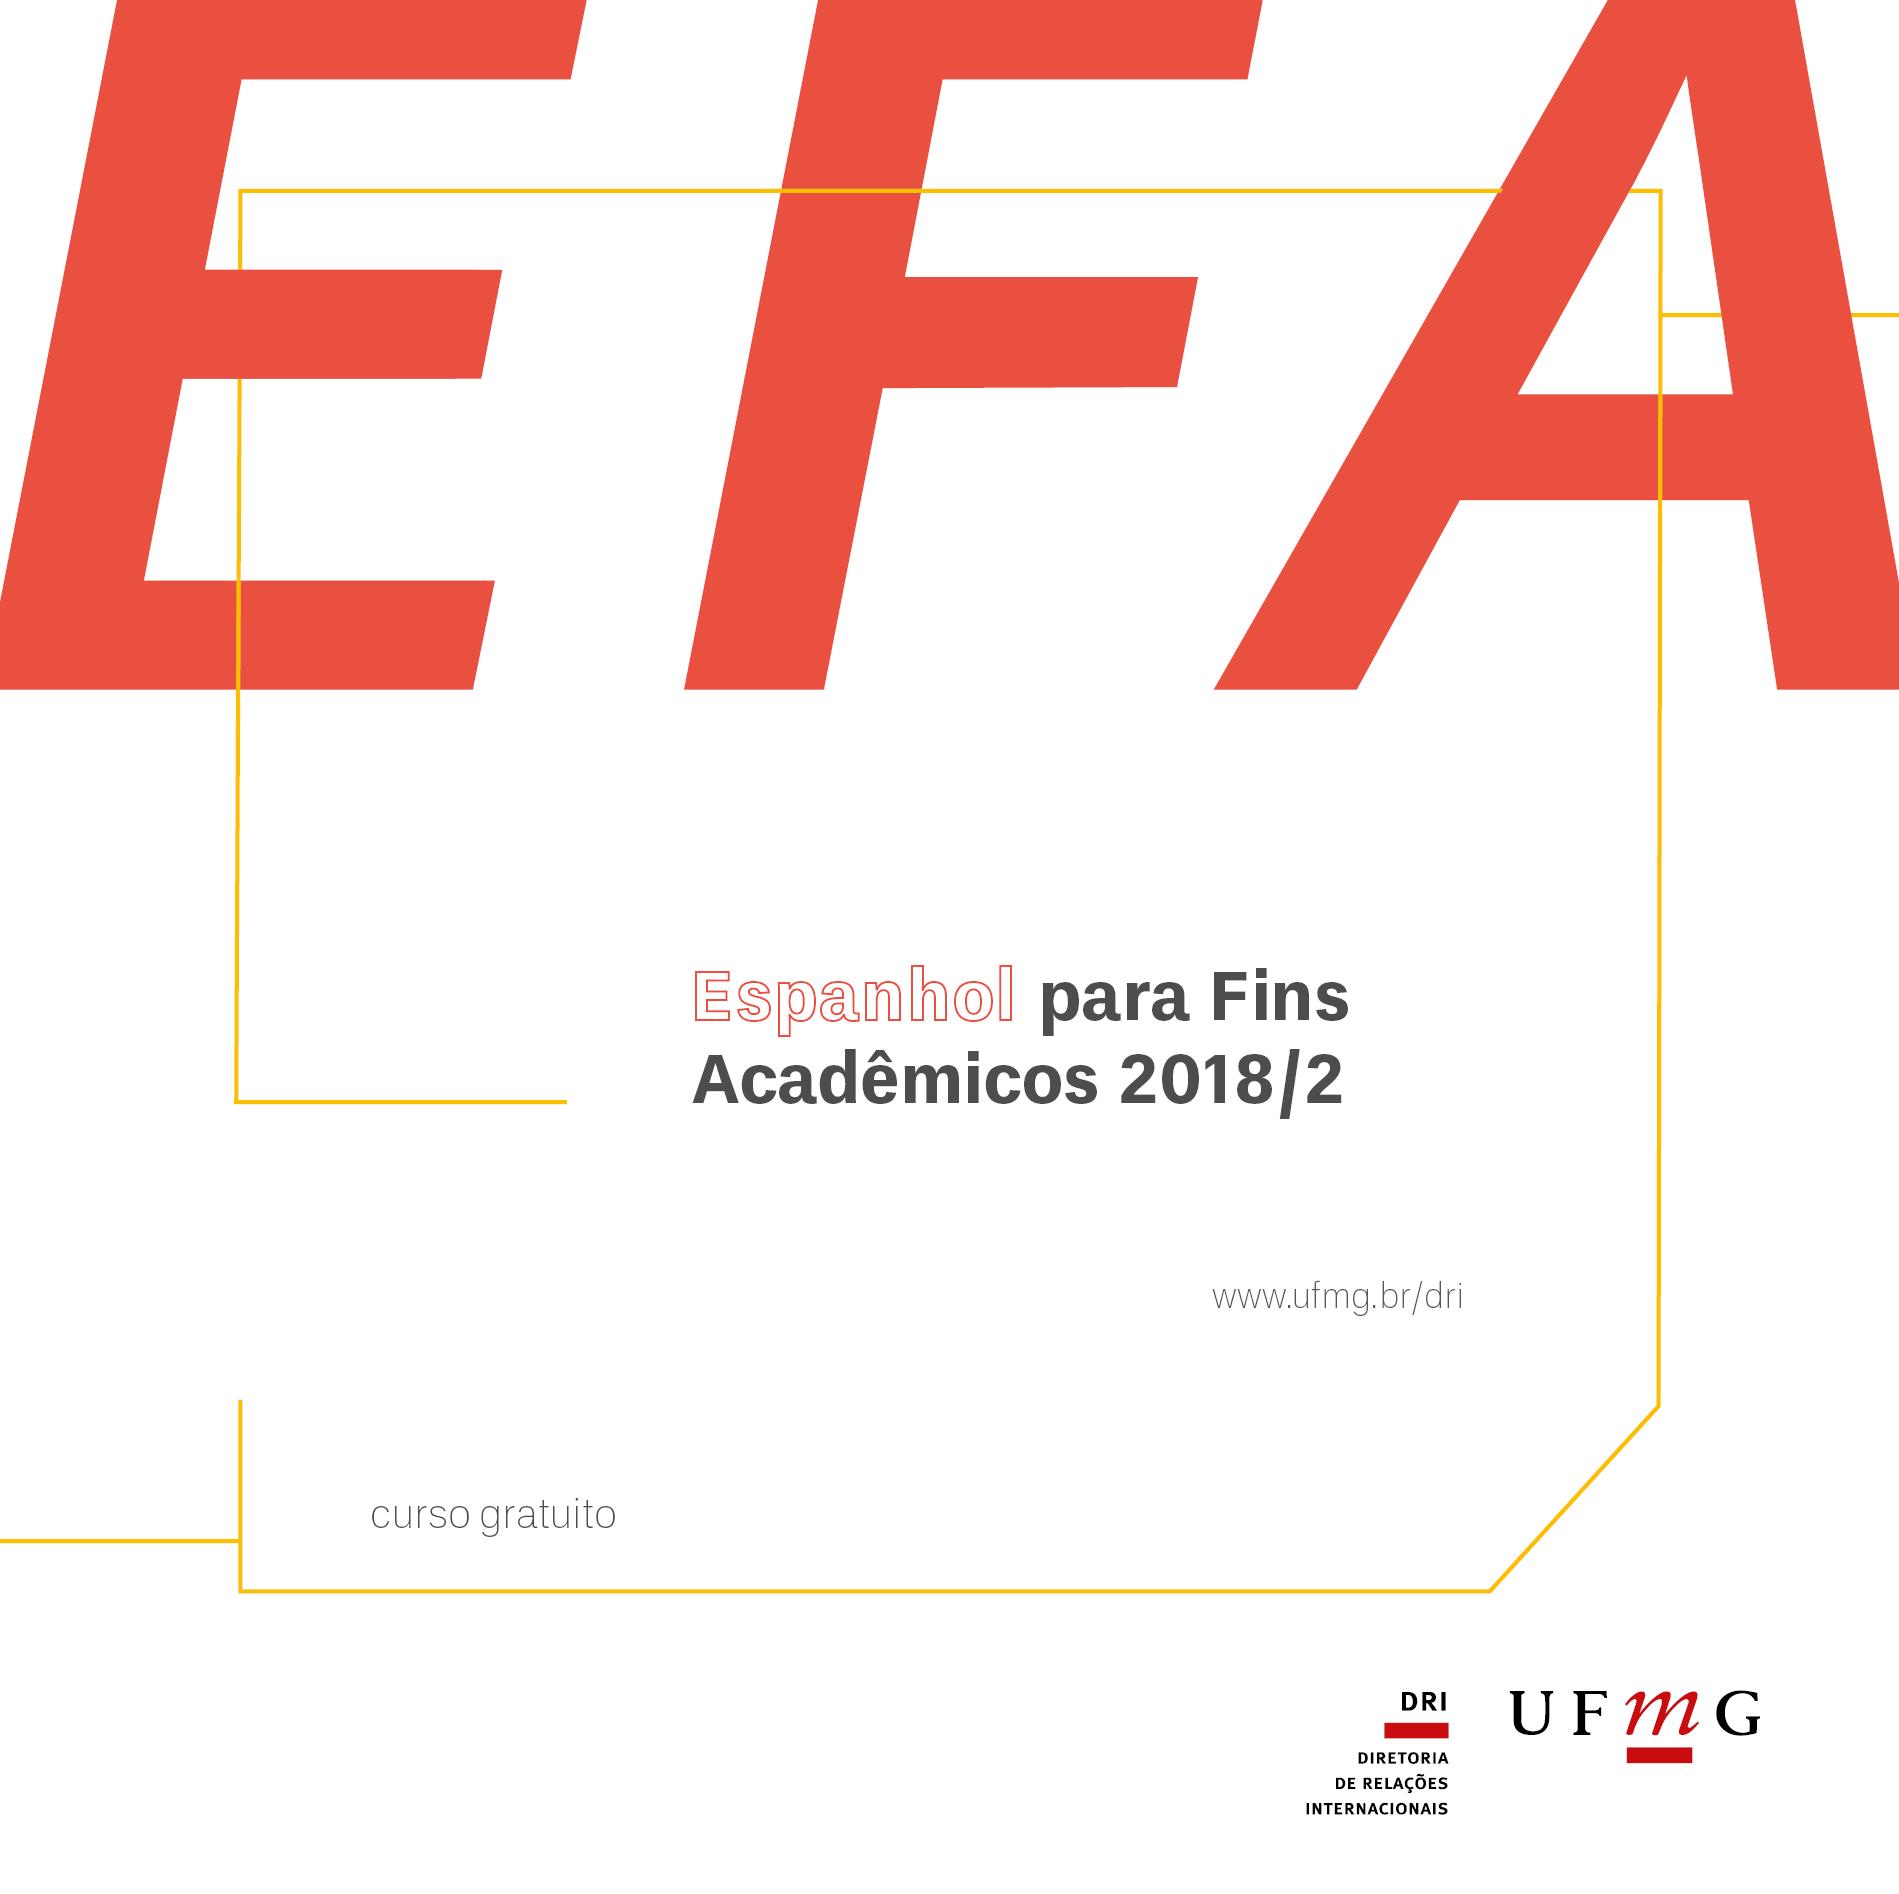 44584ce442 Confira aqui o resultado do exame de nivelamento para o curso de extensão  de Espanhol para Fins Acadêmicos.